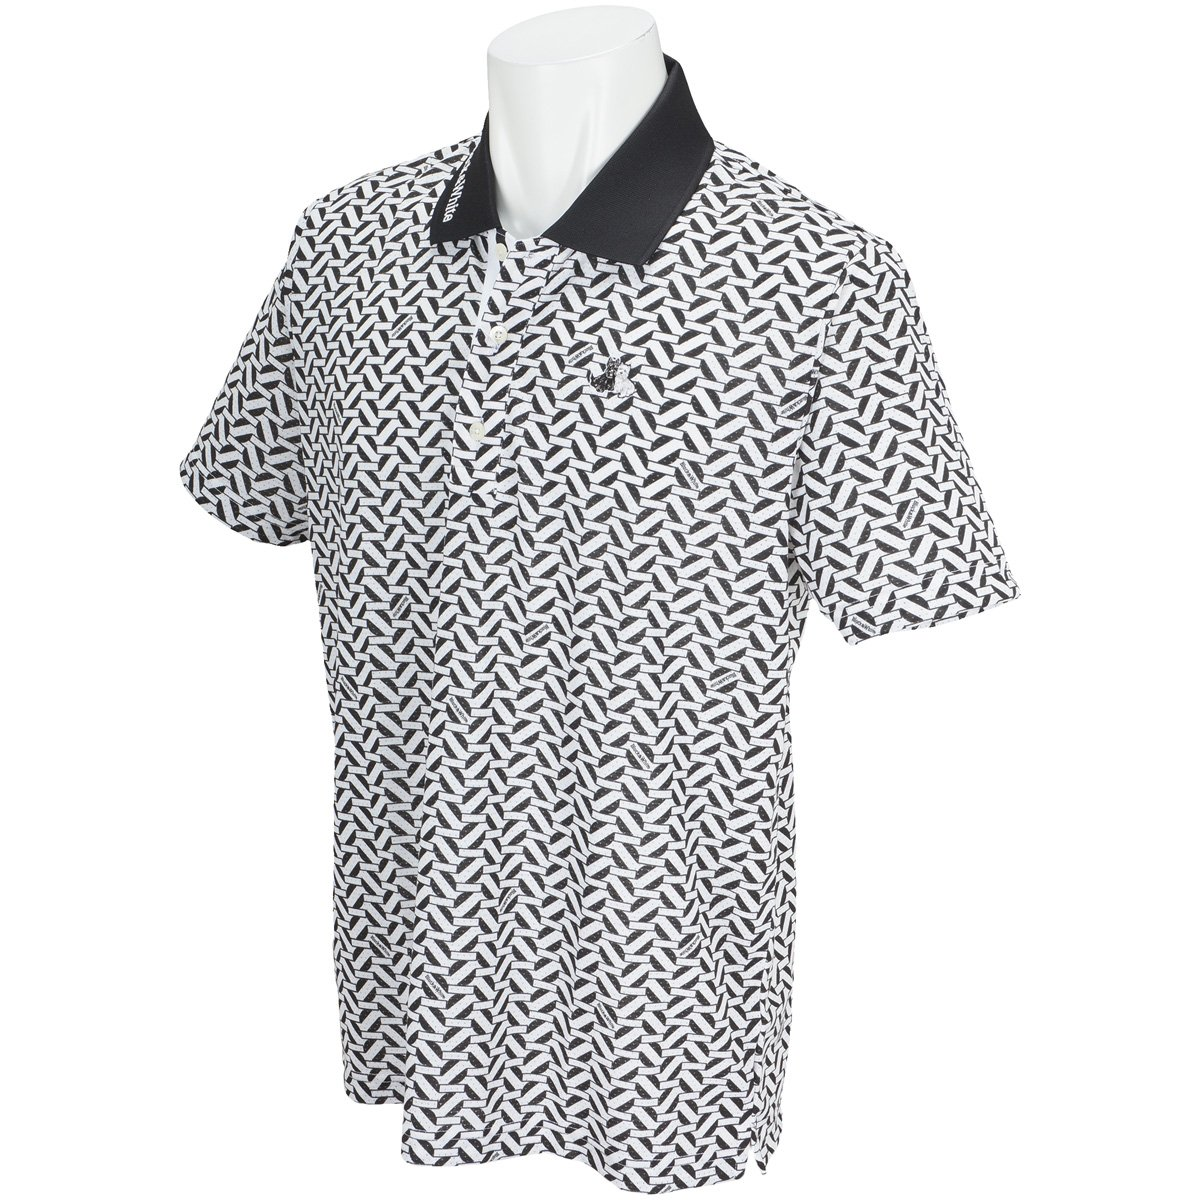 ブラック&ホワイト Black & White 半袖シャツポロシャツ 半袖ポロシャツ LL ブラック B07CXT5NVL